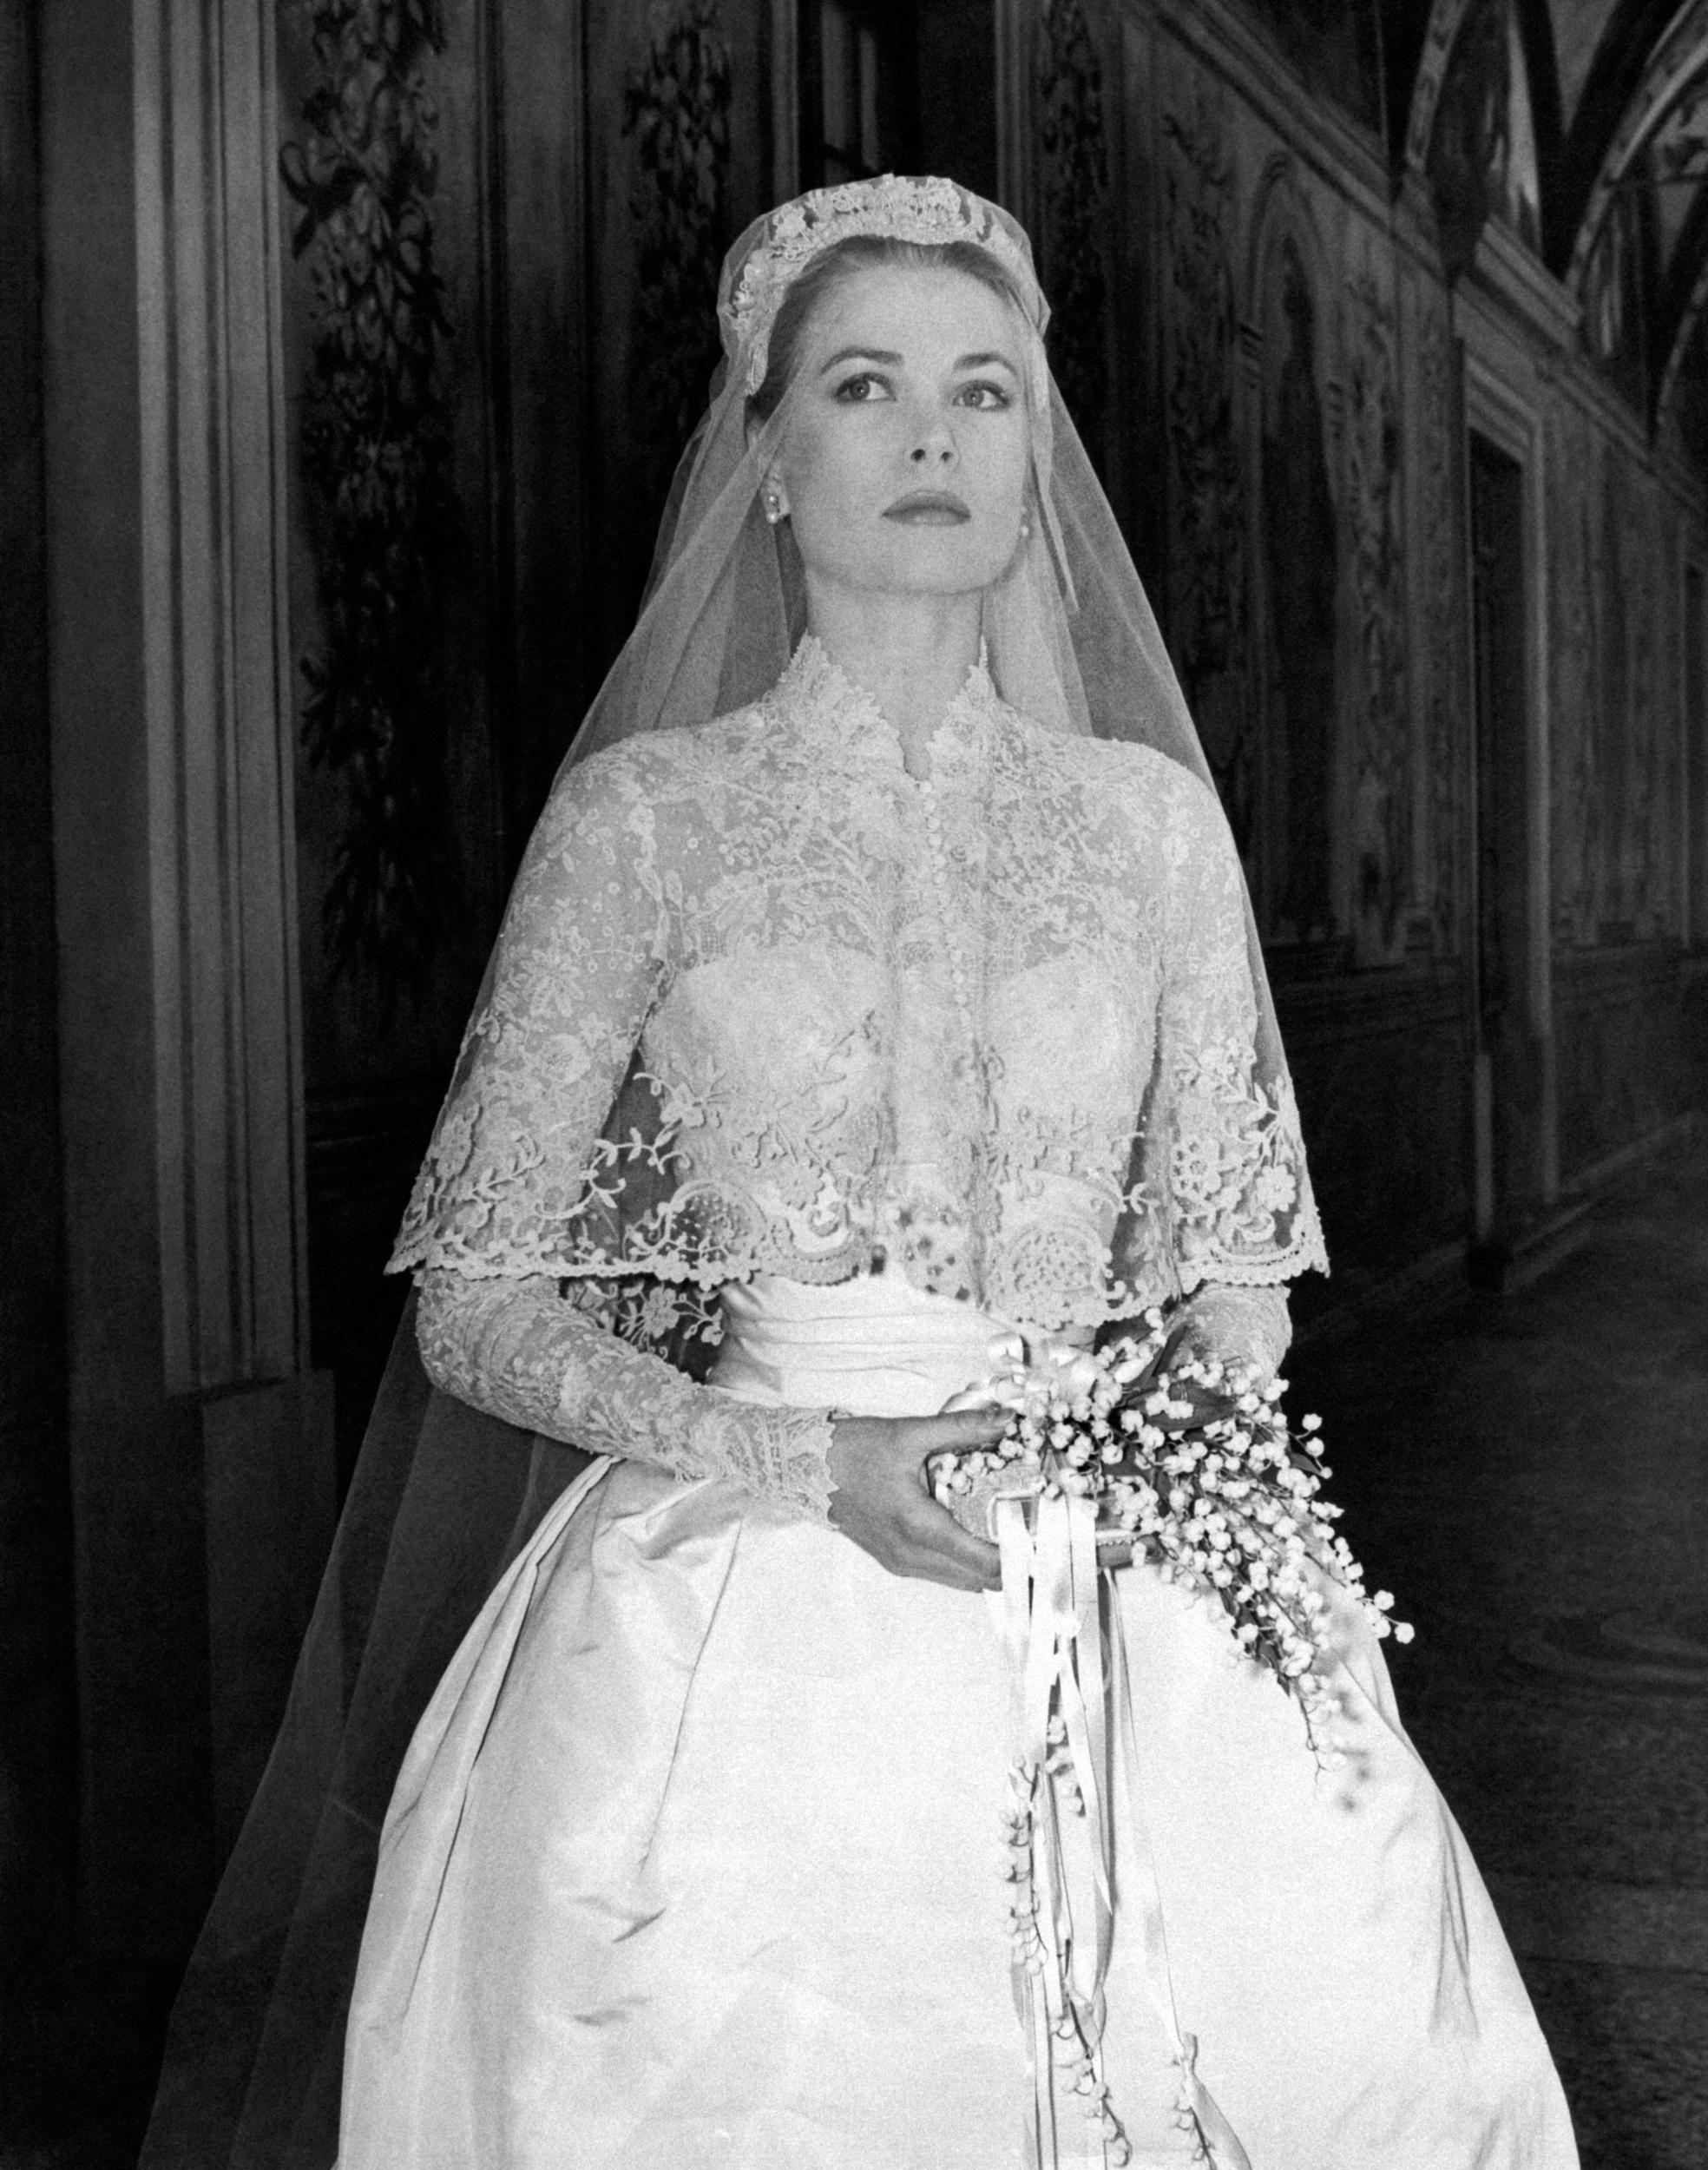 Tượng đài thời trang Grace Kelly lộng lẫy trong bộ đầm cưới của NTK Helen Rose năm 1956